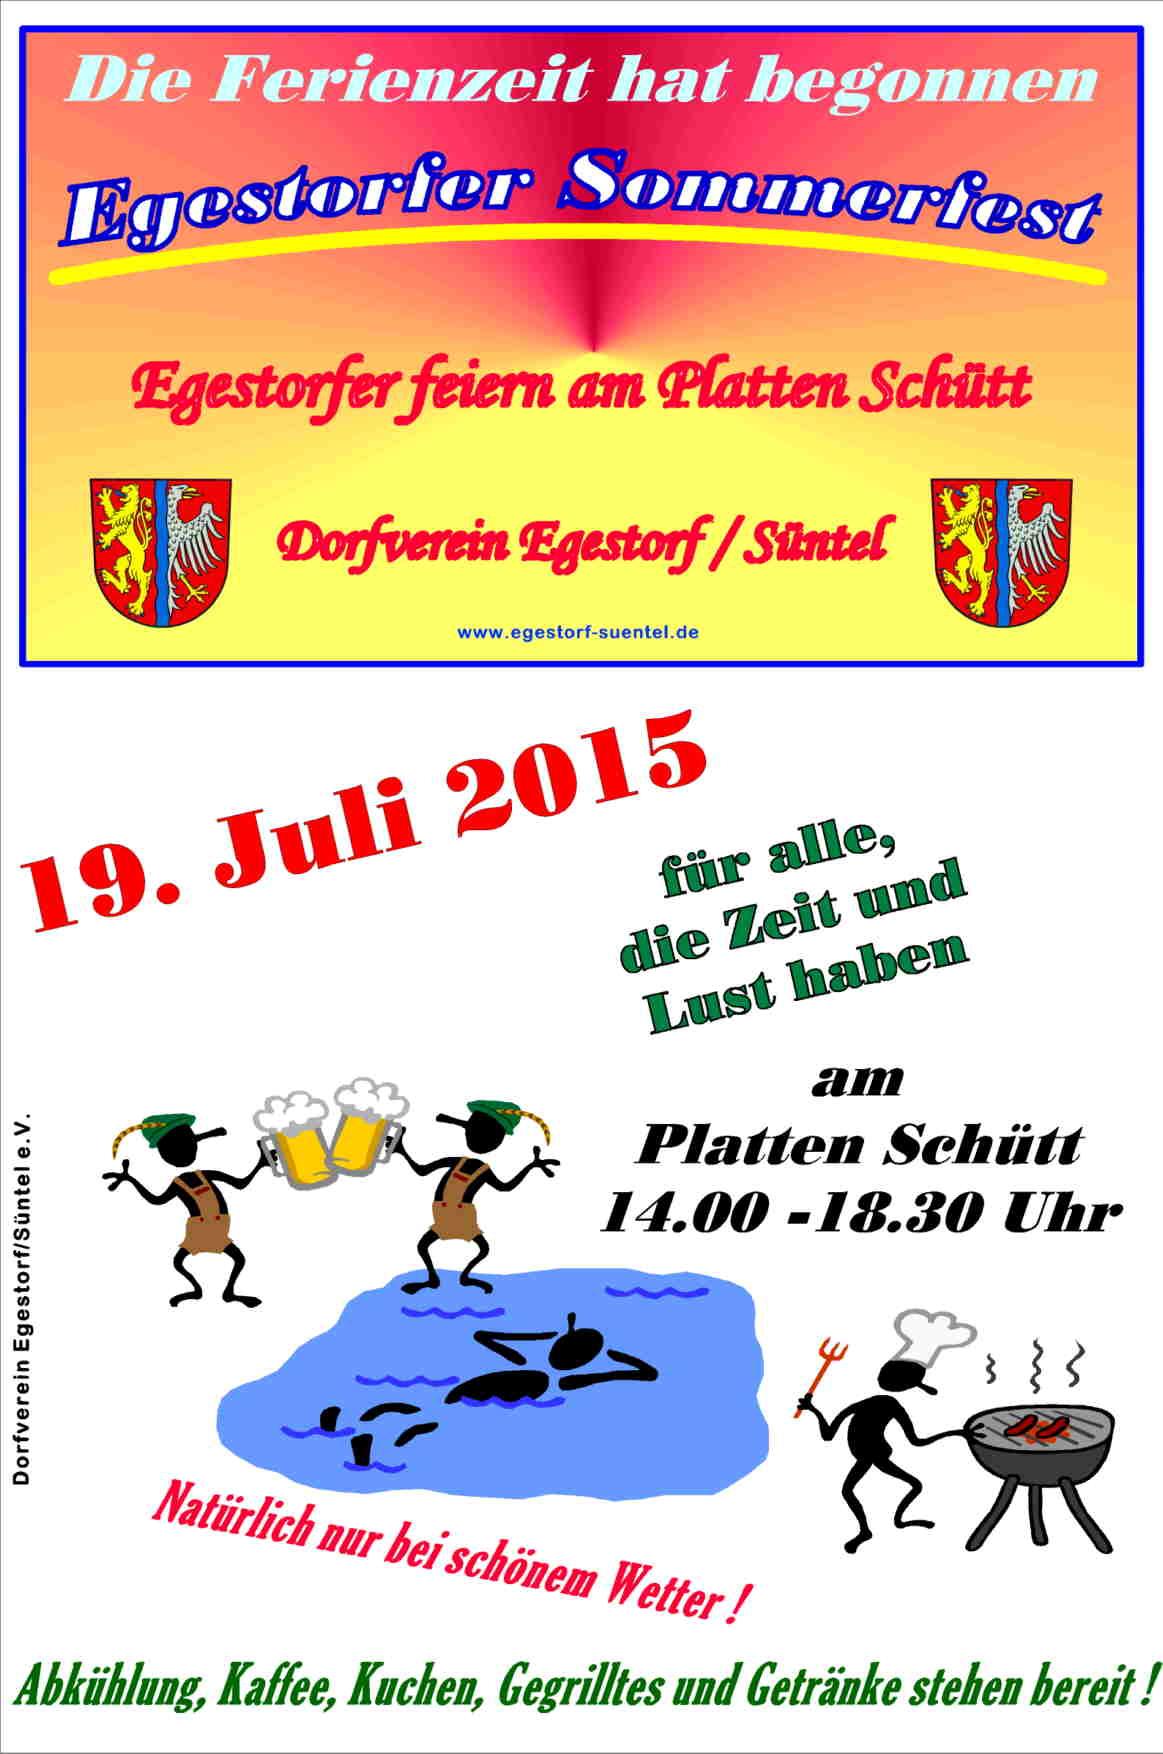 Einladung Sommerfest Dorfverein